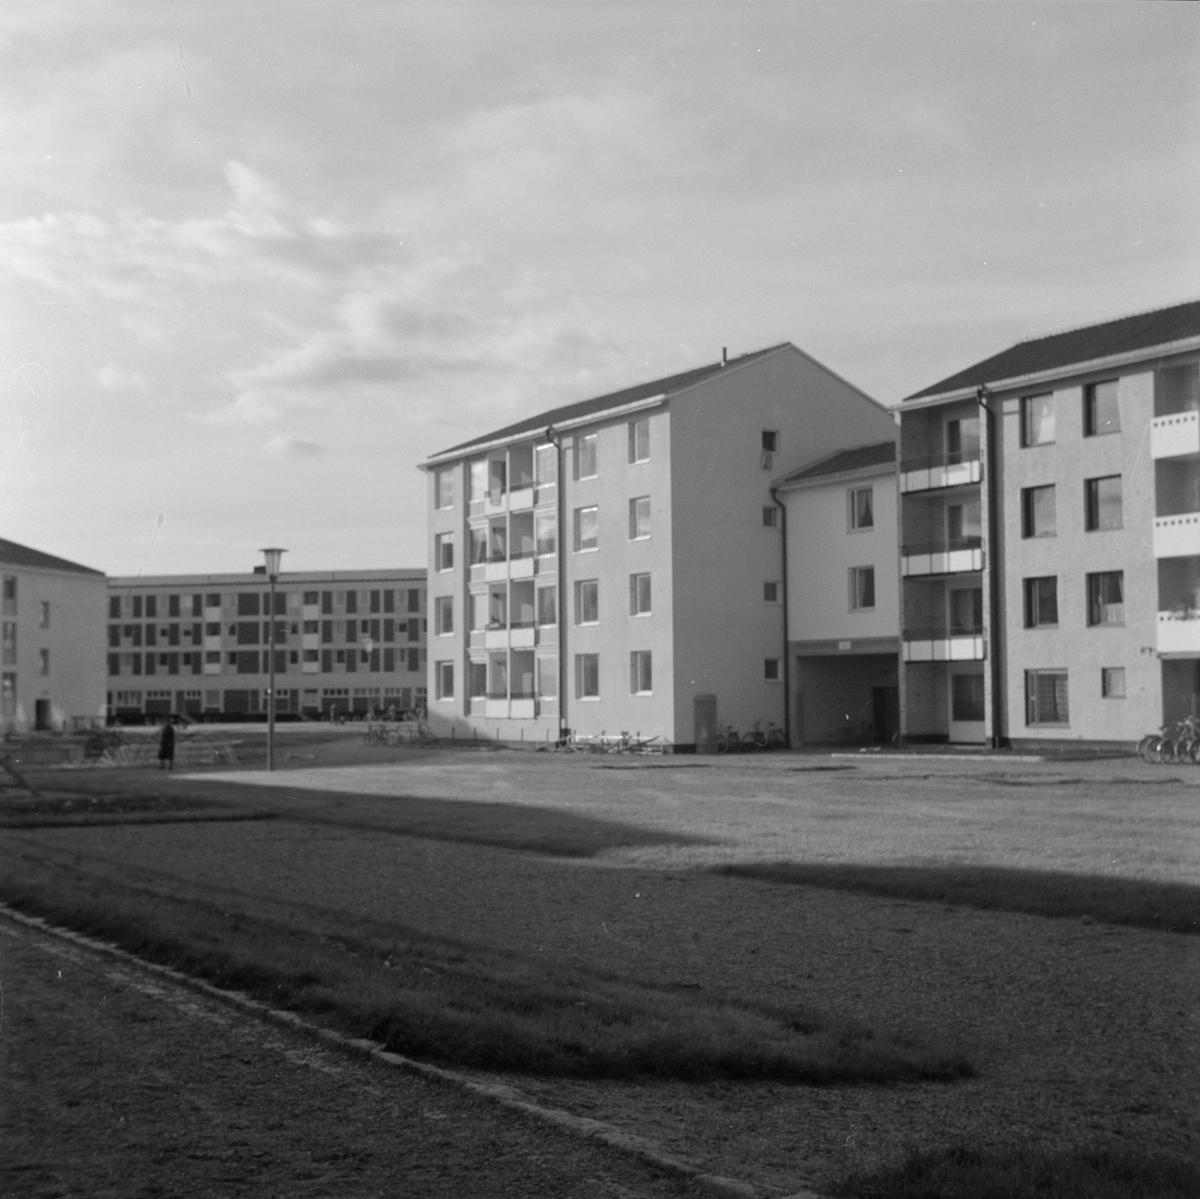 Flerbostadshus, Sala backe i Uppsala